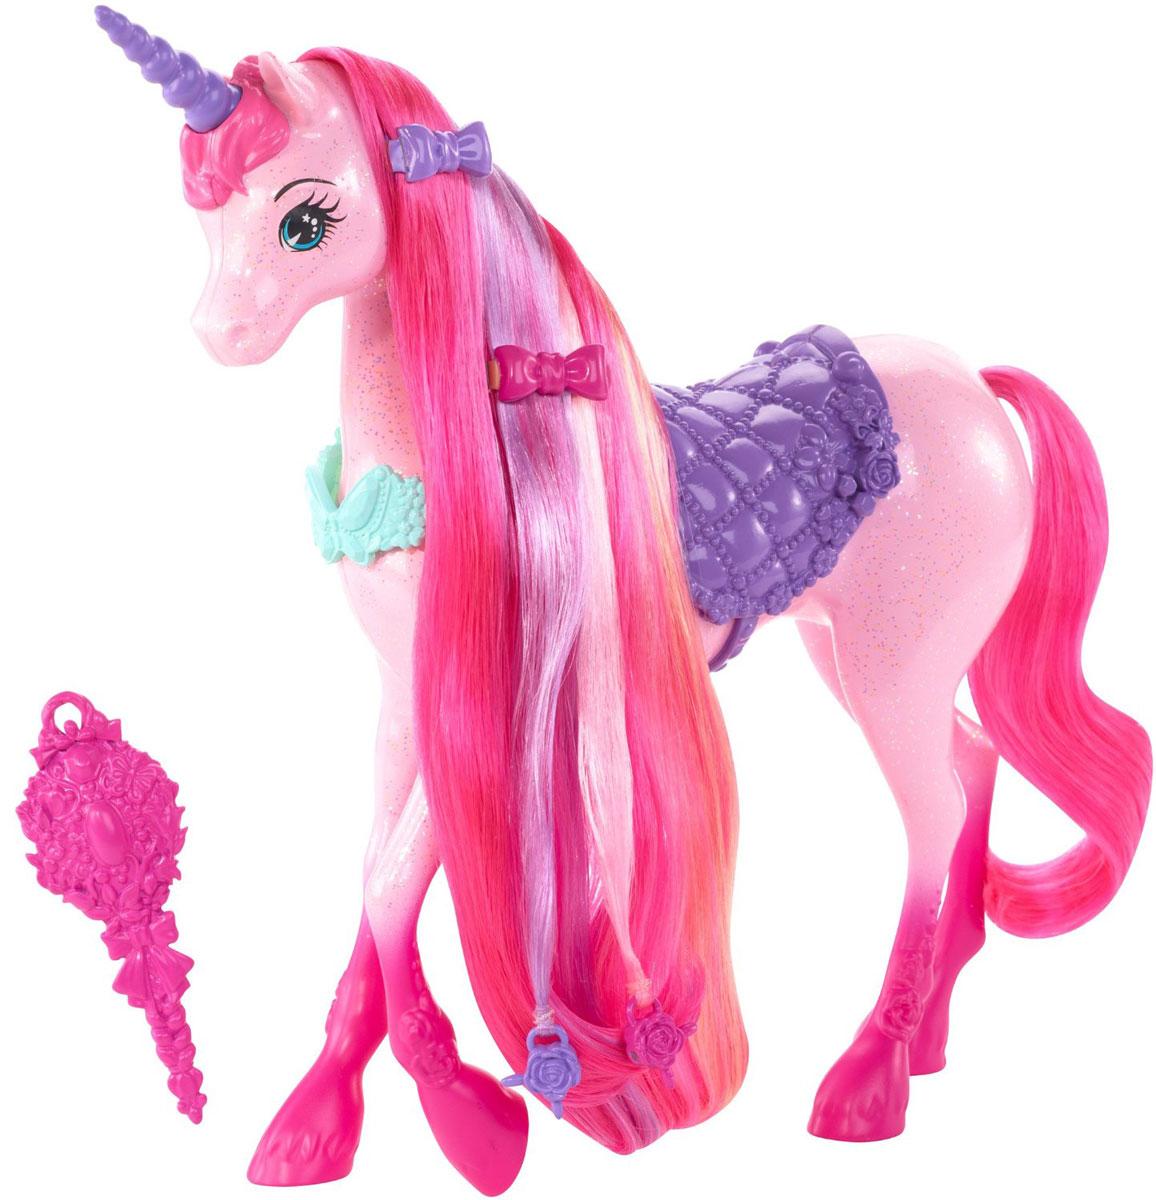 Barbie Фигурка ЕдинорогDHC38Фигурка Barbie Единорог ждет, когда ее причешут! К розовой фигурке- единорогу прилагаются щетка для гривы, две заколки и ожерелье, в котором она станет совсем неотразимой. Заколки украшены фирменной символикой и подойдут не только кукле, но и хозяйке! Чтобы придать гриве еще больше разнообразия, пряди с бусинками можно заплетать устройством из набора Барби Королевство длинных кос - быстрое плетение продается отдельно). Бусины, две или три вместе, надо вставить в устройство, а потом просто нажать кнопку, и прядки мгновенно будут заплетены одним из двух простых способов на выбор юного парикмахера. Весело, красиво и есть где проявить фантазию! Ваша дочурка будет в восторге от такого подарка!